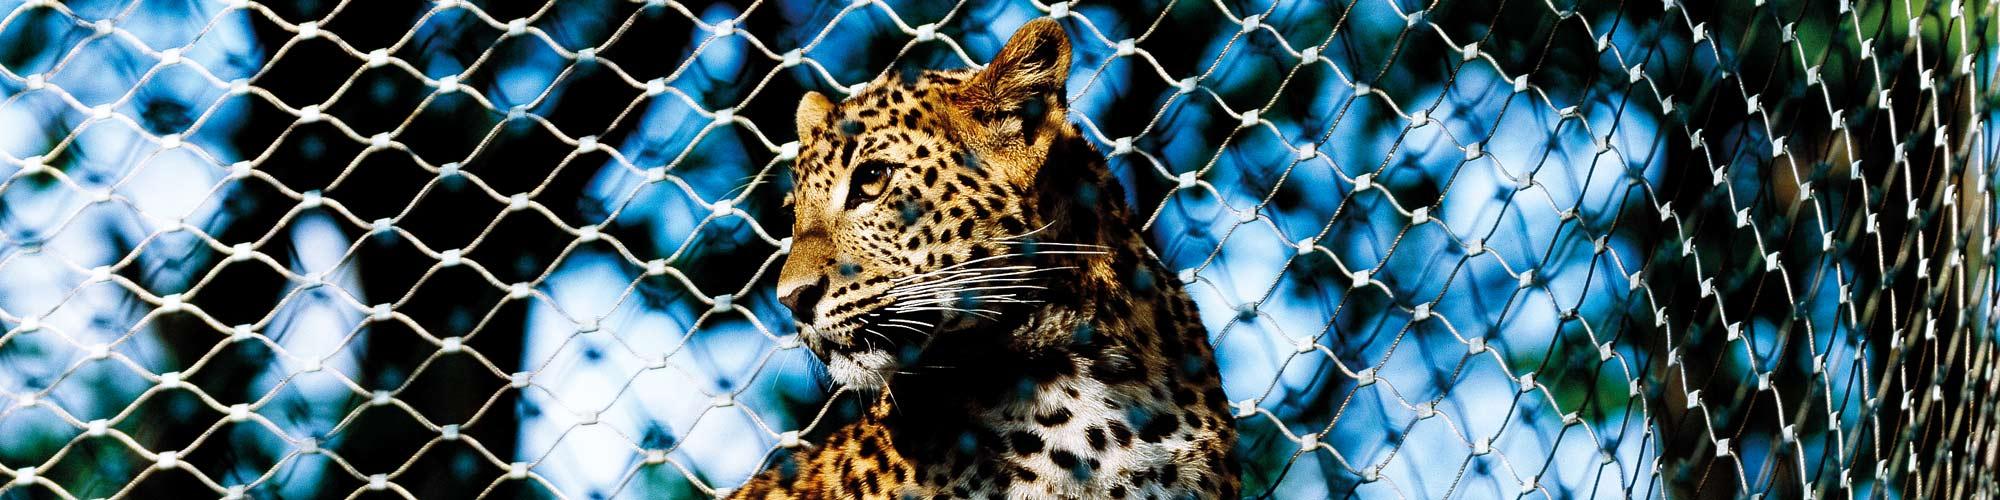 Predator enclosures Carl Stahl Architecture